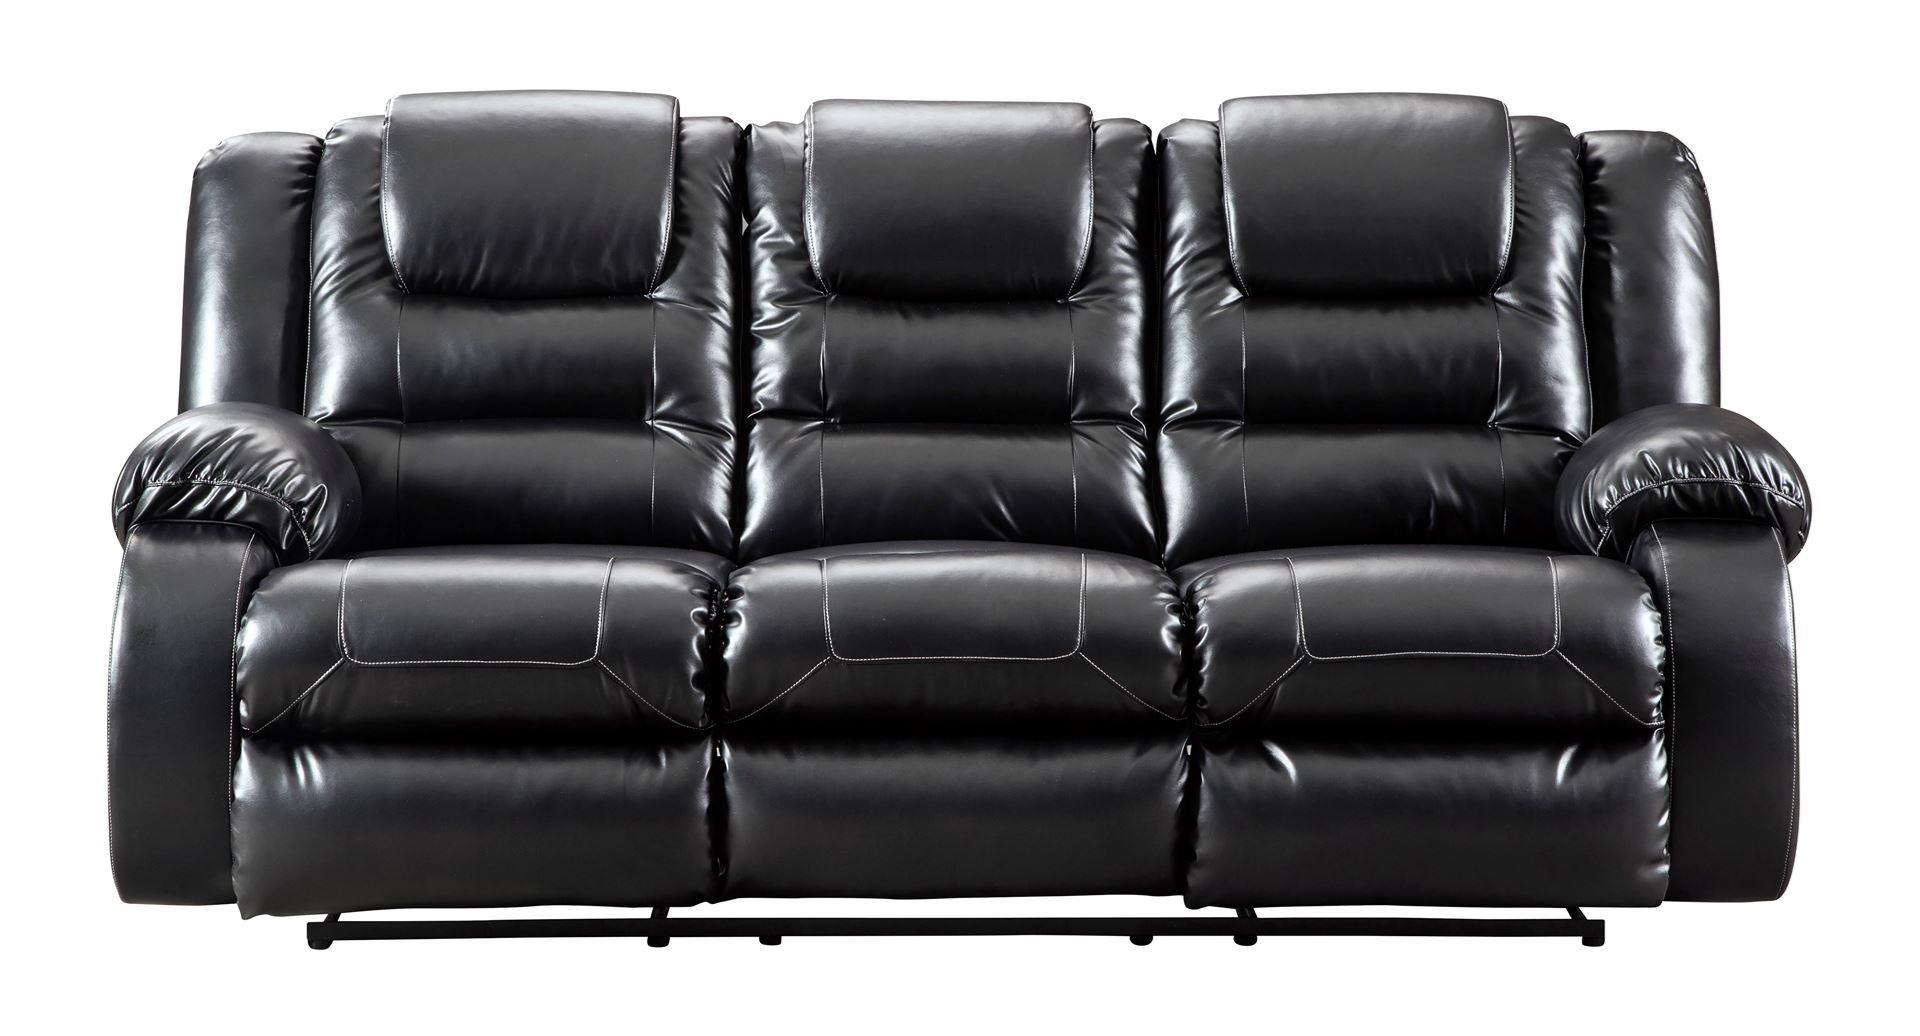 Vacherie Black Reclining Sofa Free Shipping Marjen Of